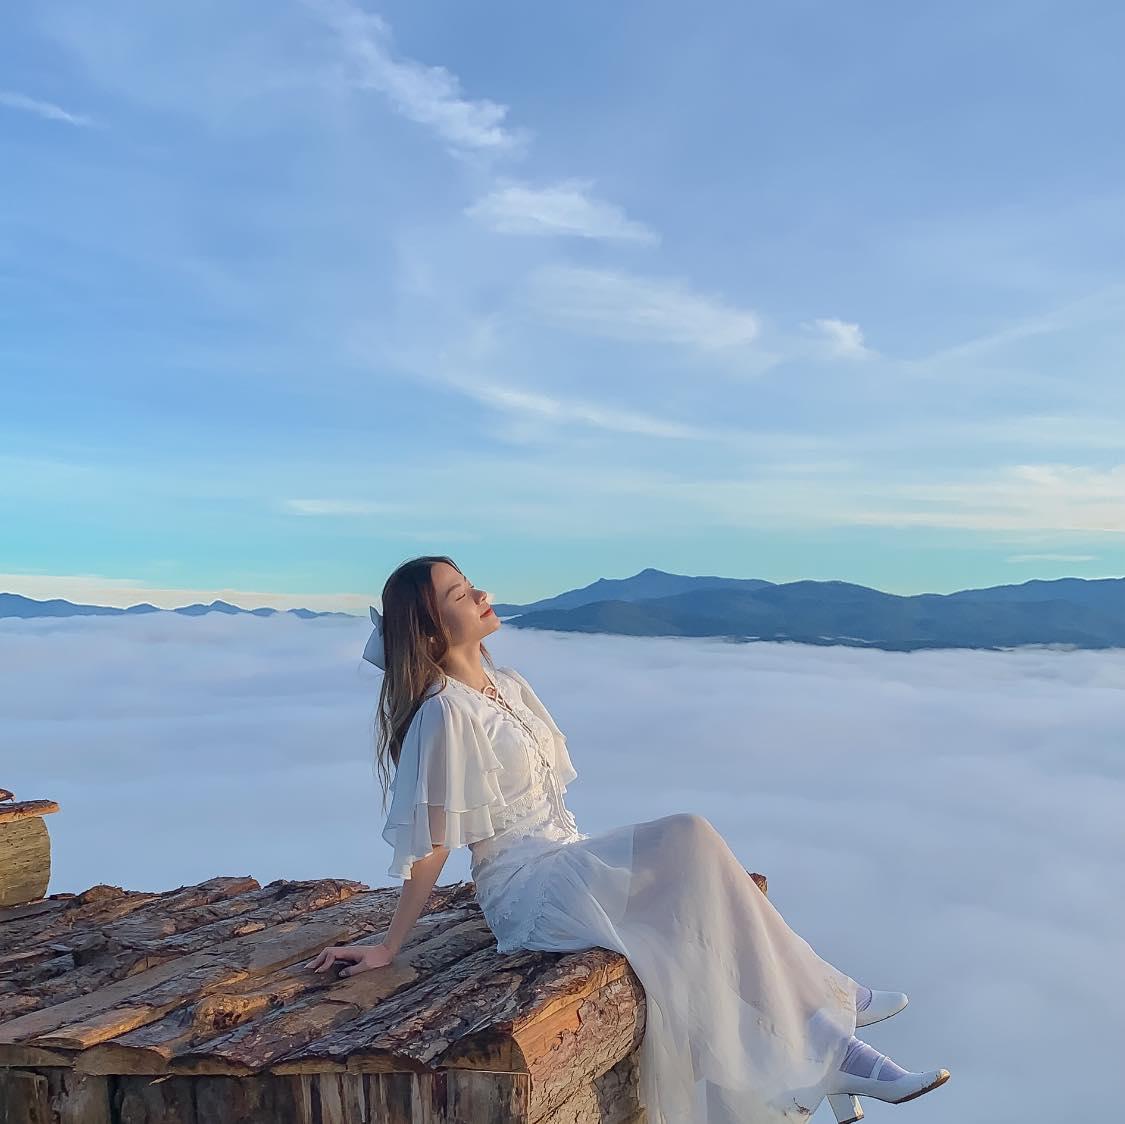 Đà Lạt chìm trong mây. Hình: Tạ Xuân Hương